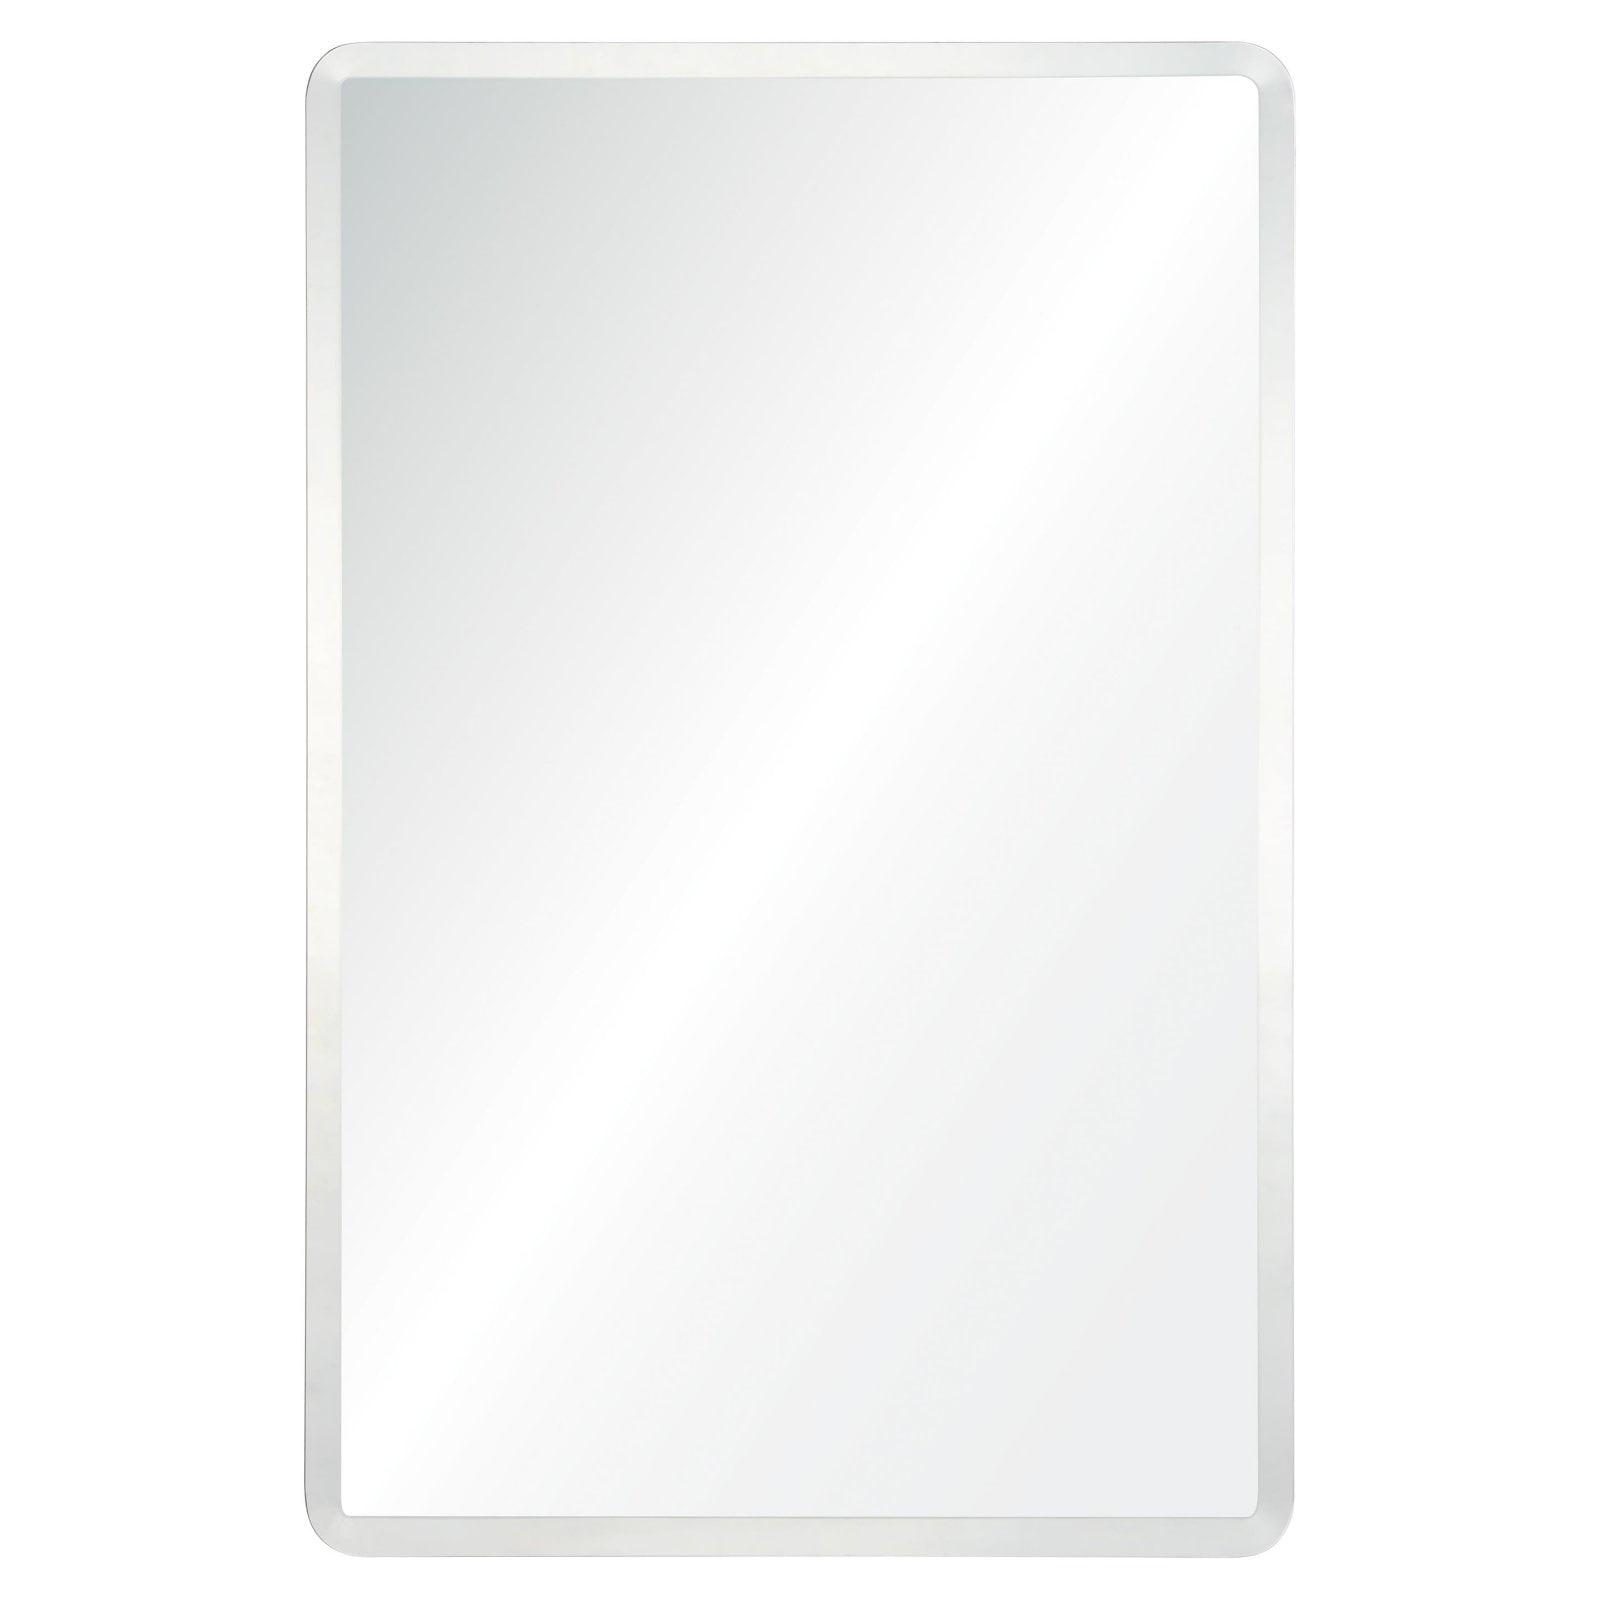 Ren-Wil Danske Bathroom Mirror 24W x 36H in. by Ren Wil